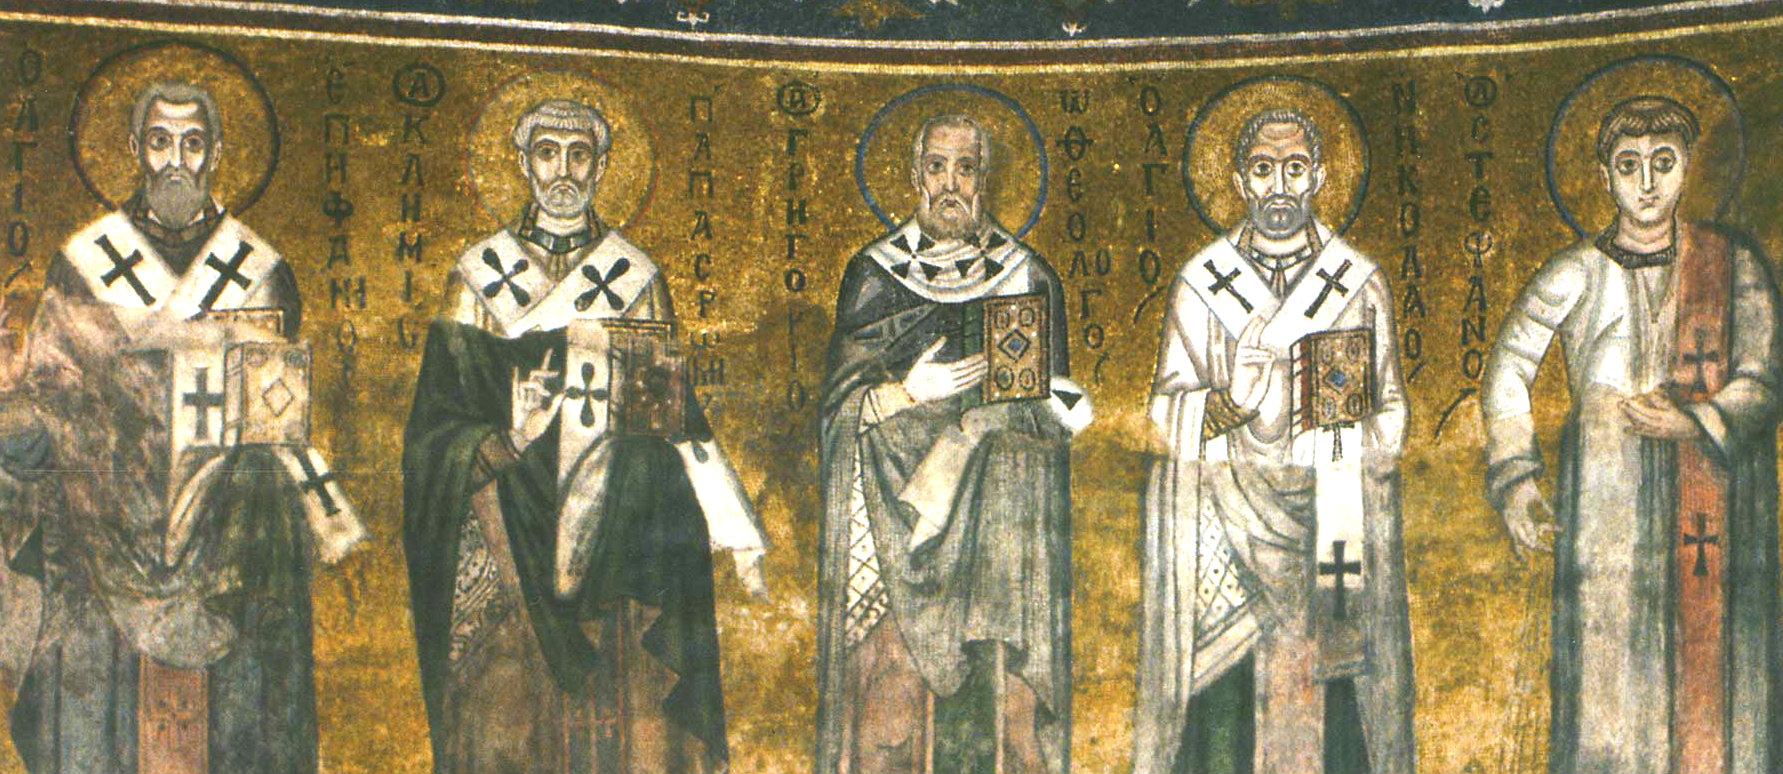 Les pères de l'Église et la papauté (15) : Paul d'Emese